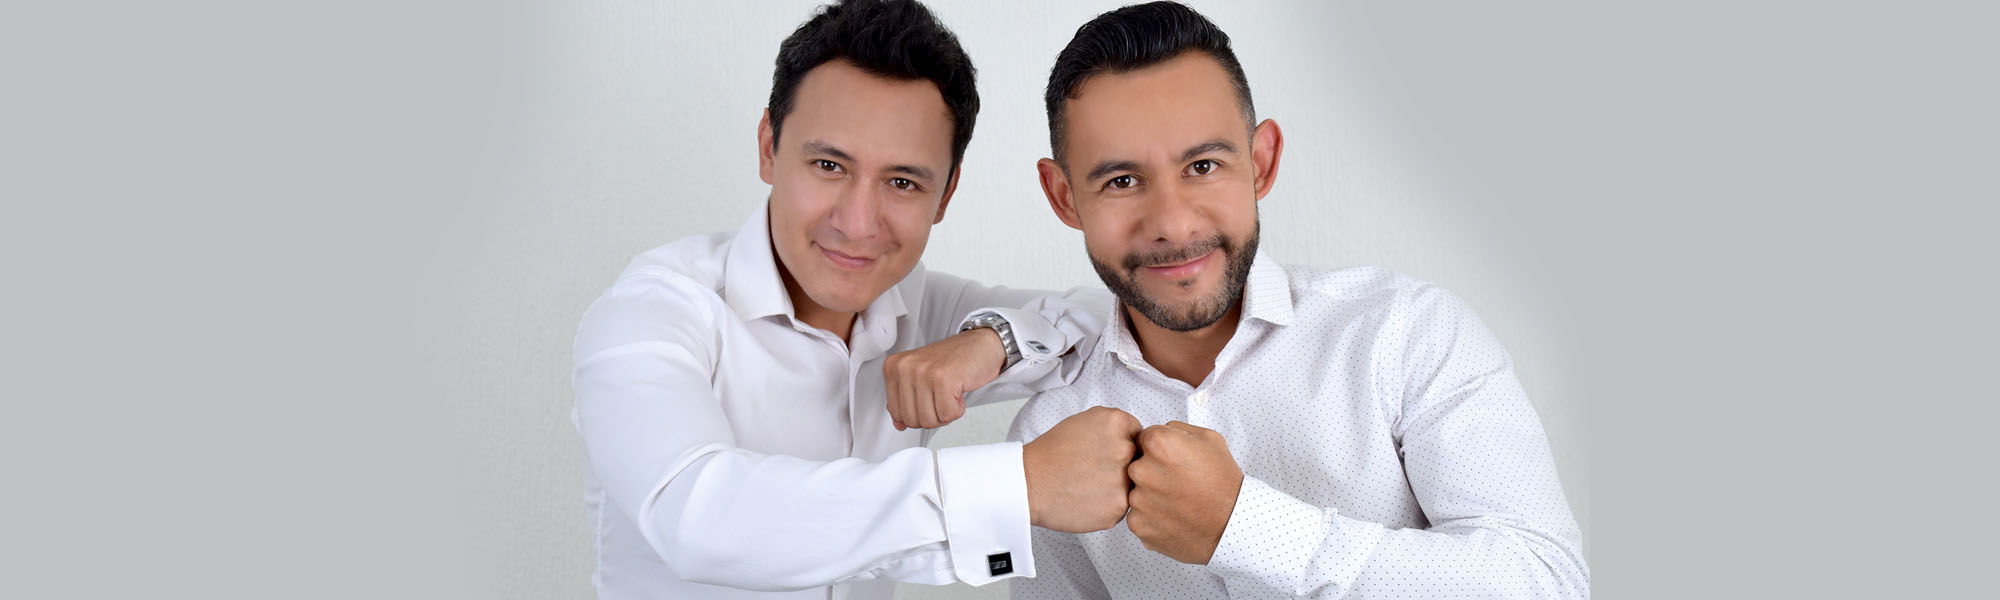 Conferencistas Mexicanos Famosos - Con más de 8 años motivando Único dúo de Conferencistas Mexicanos, de Alto Impacto, dinámicos, divertidos, cantantes profesionales.